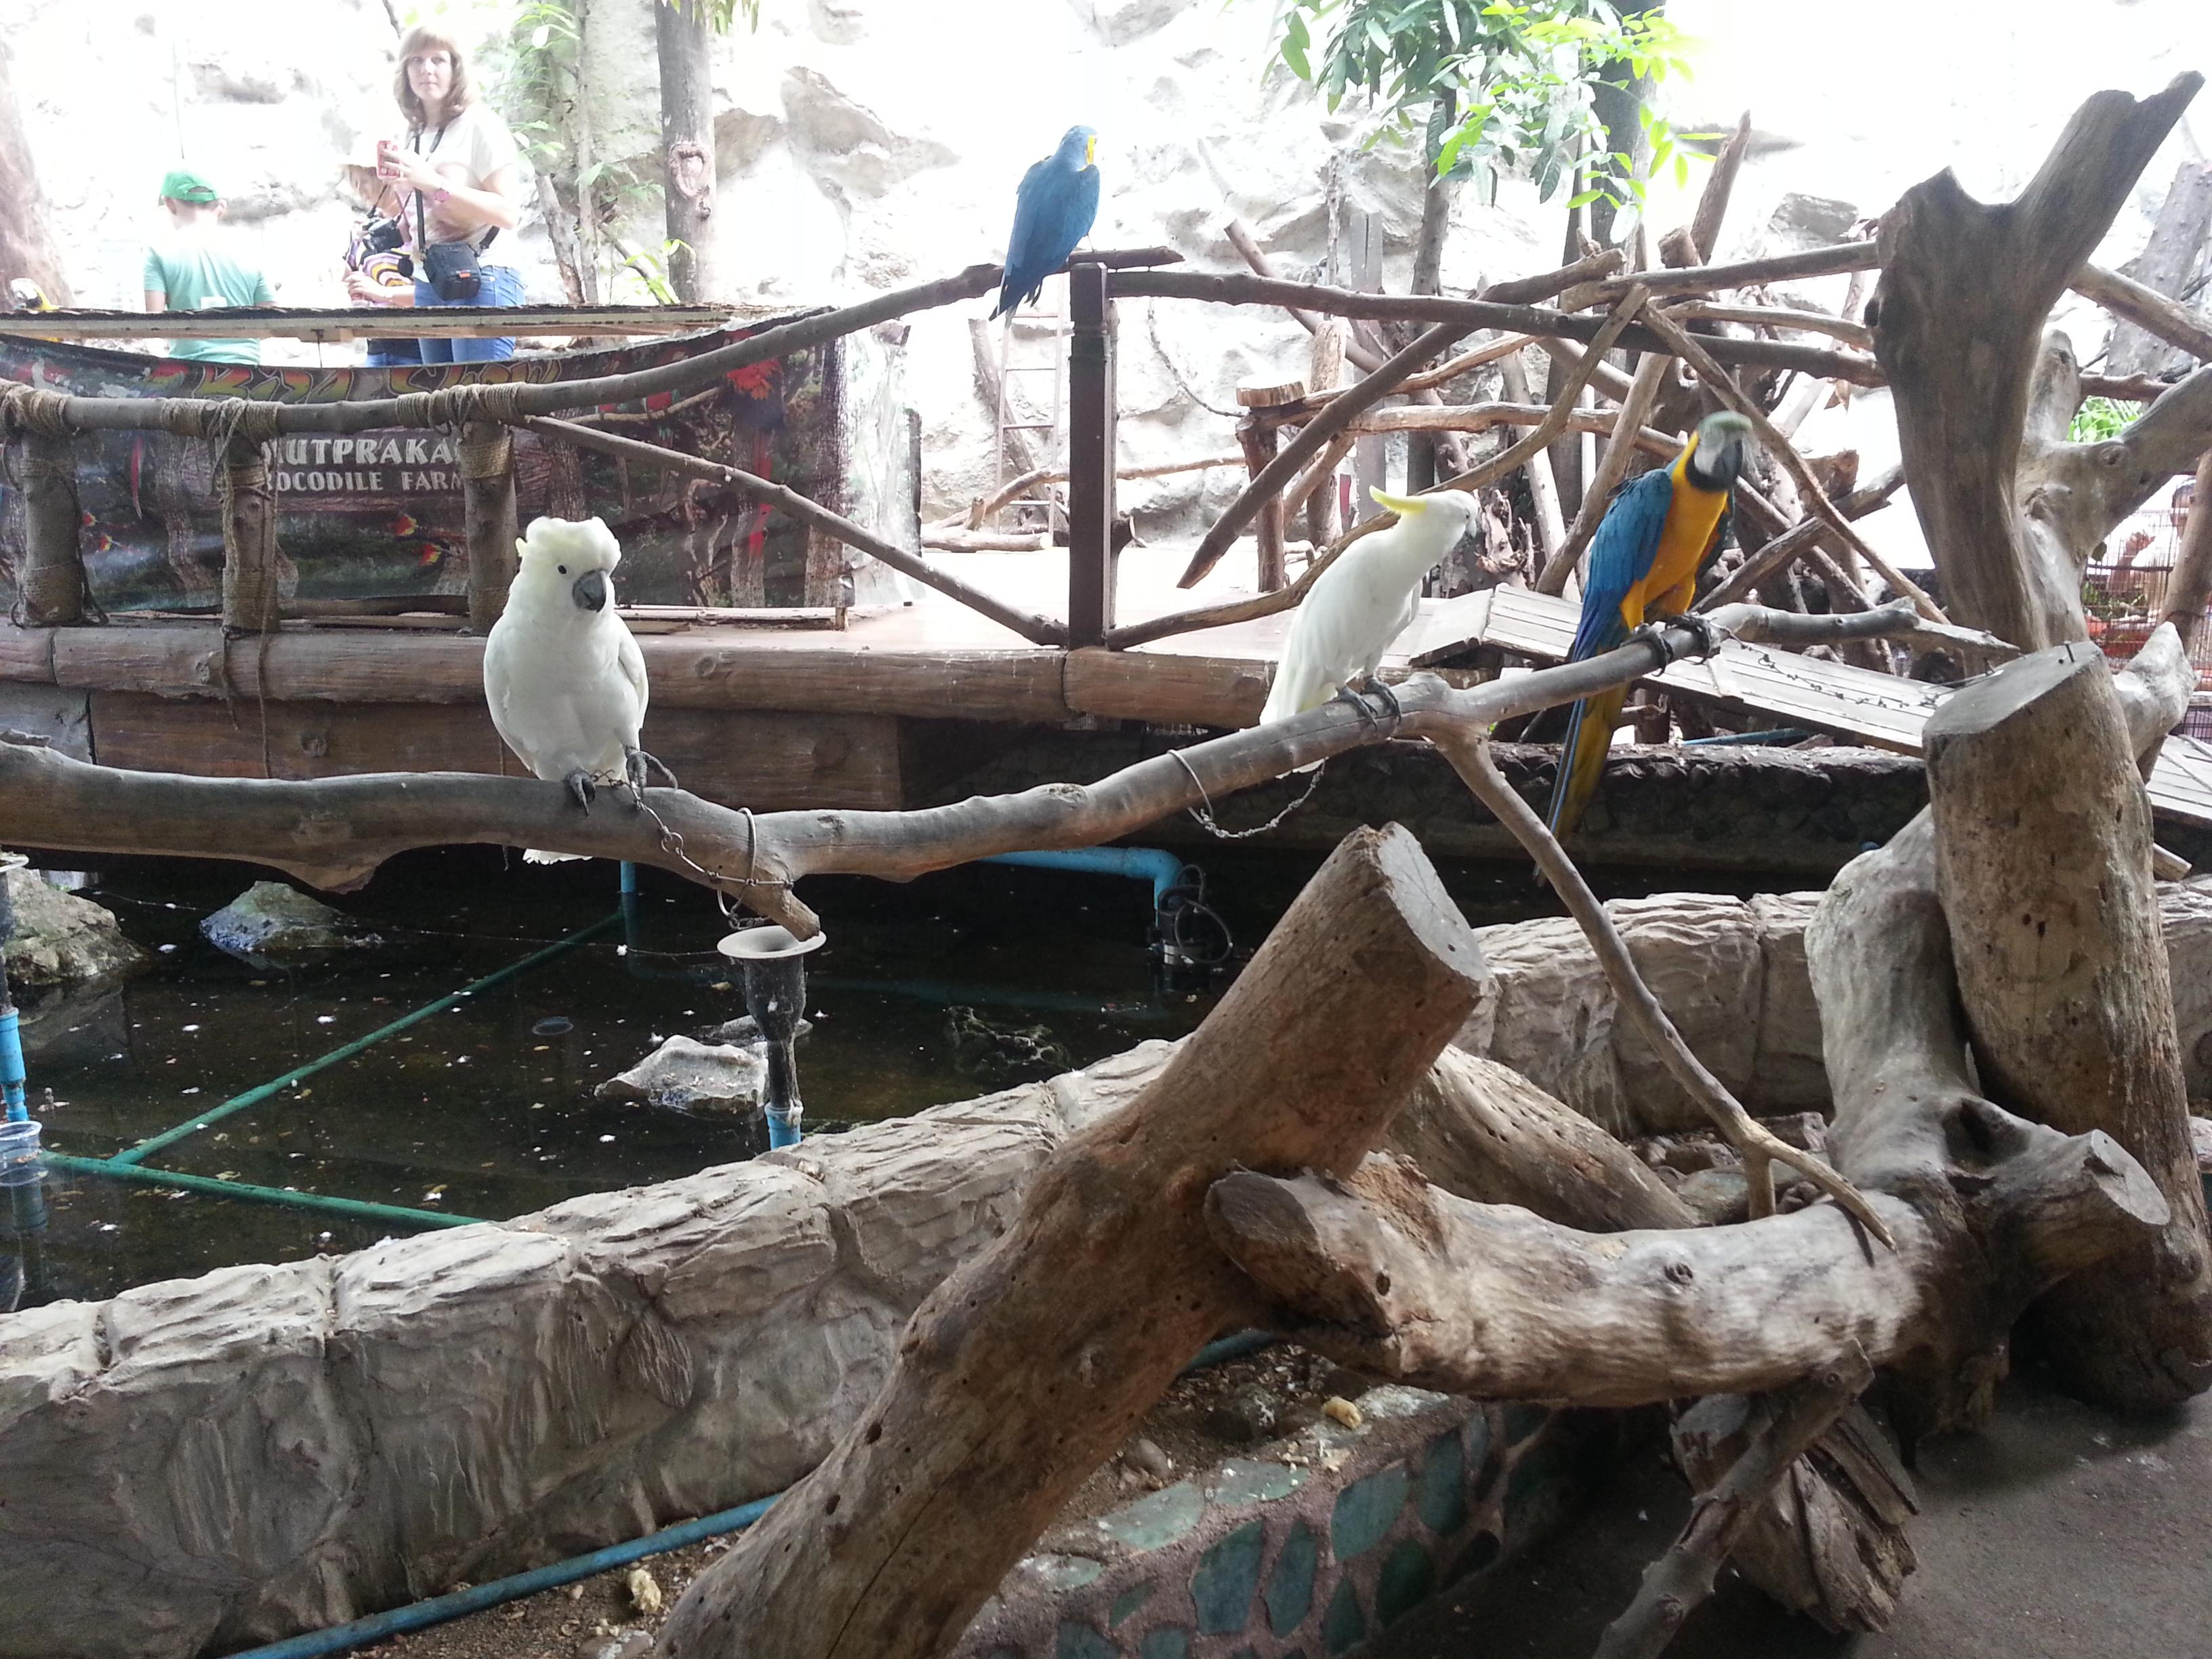 曼谷野生动物园,曼谷曼谷野生动物园攻略/地址/图片